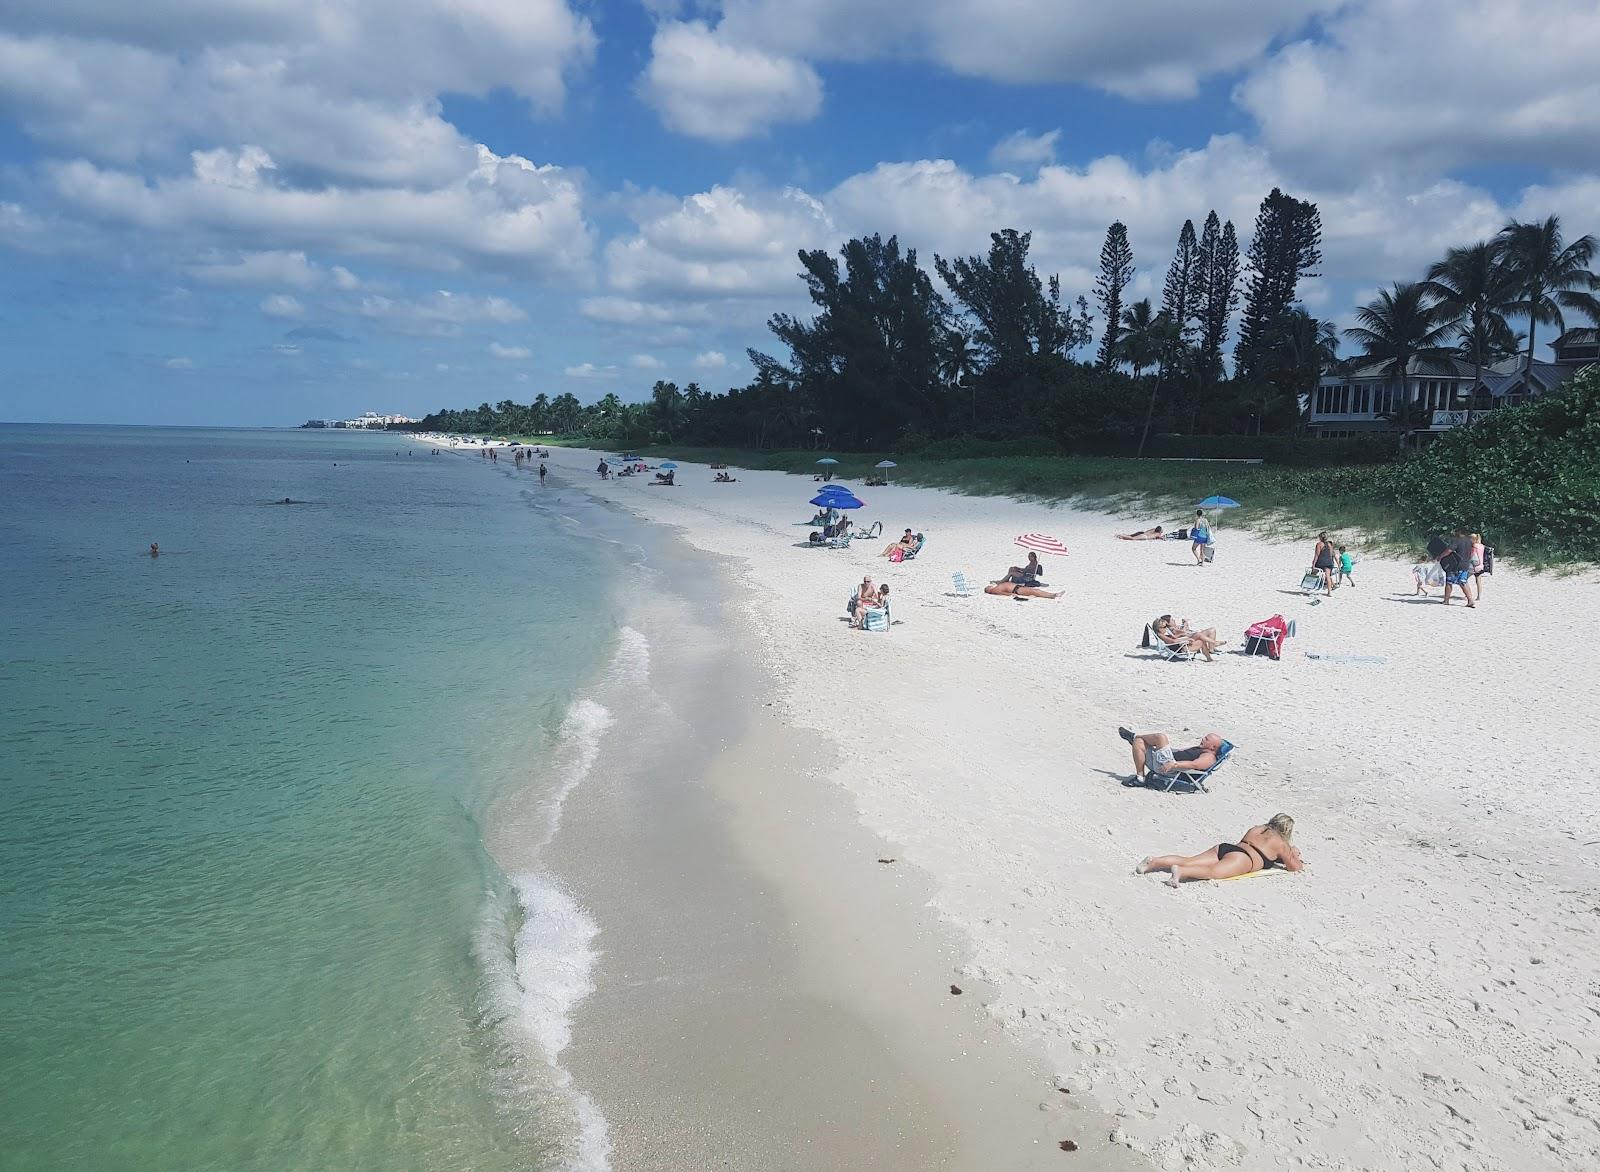 המלצות יום מחוץ למיאמי לאן ללכת נייפלס חוף ים חופים קיץ שמש חופש פלורידה